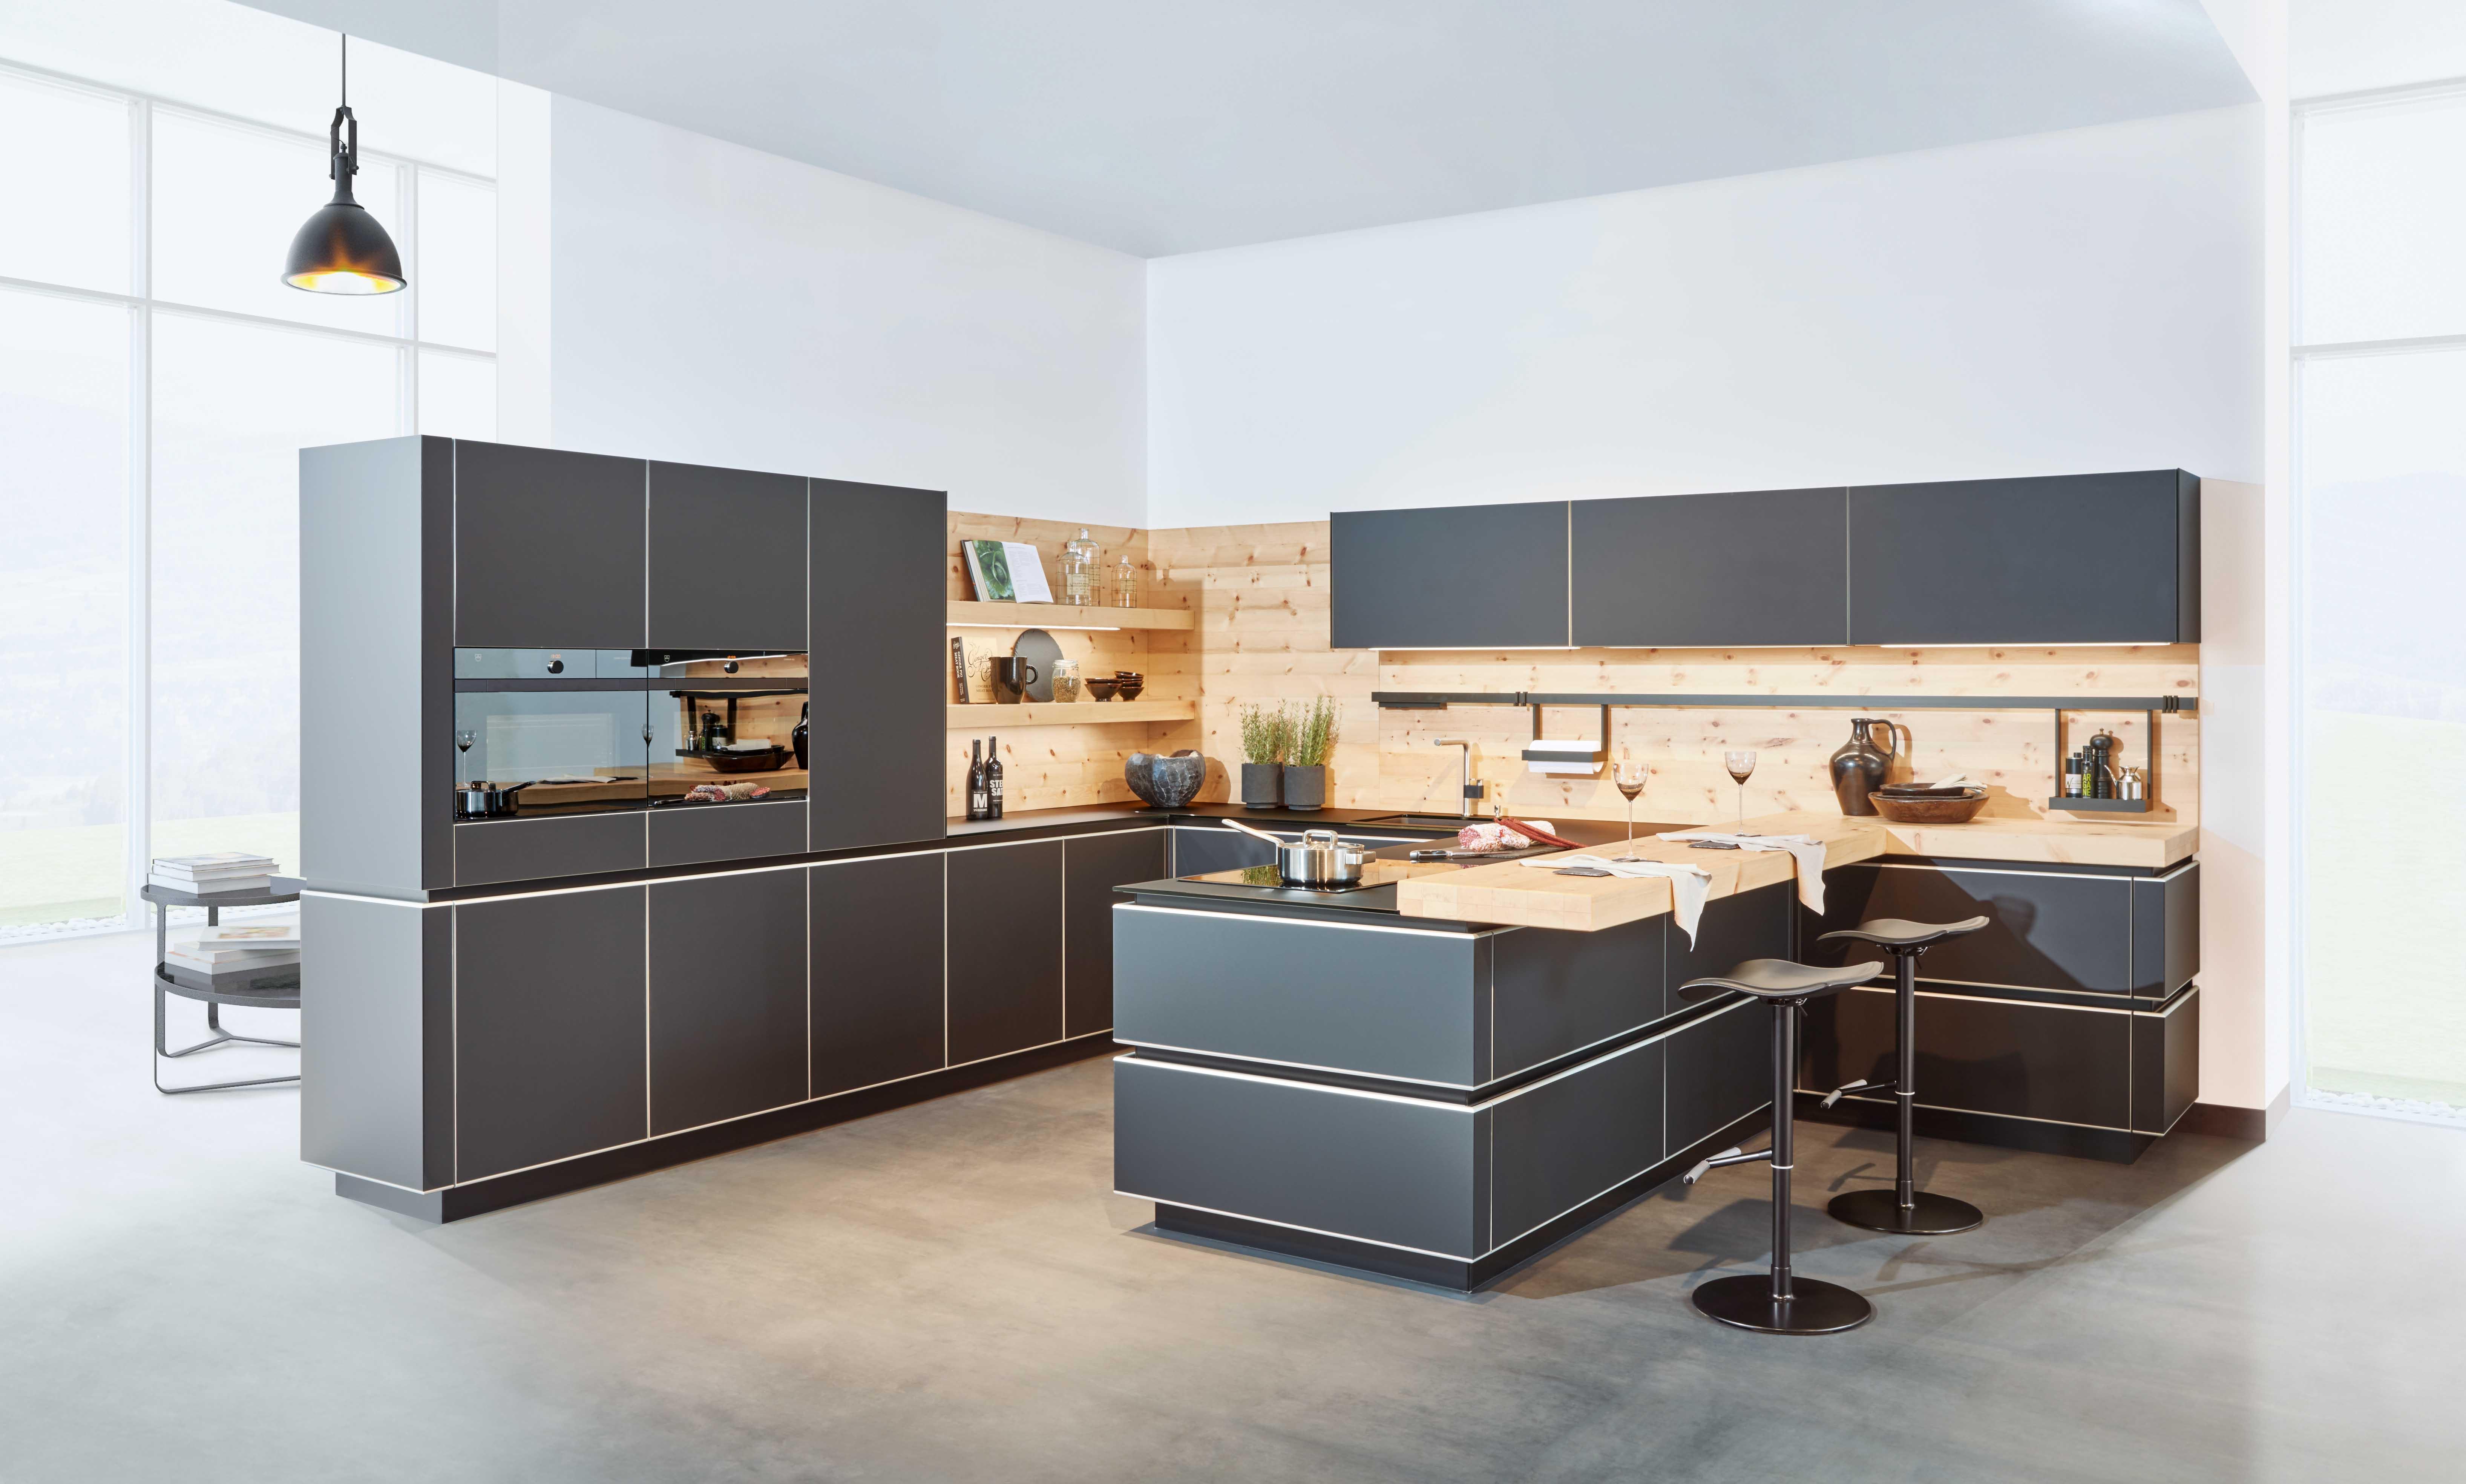 Zeyko Küchen - Küchendesign für Ihre Küche von La Cuisine ...